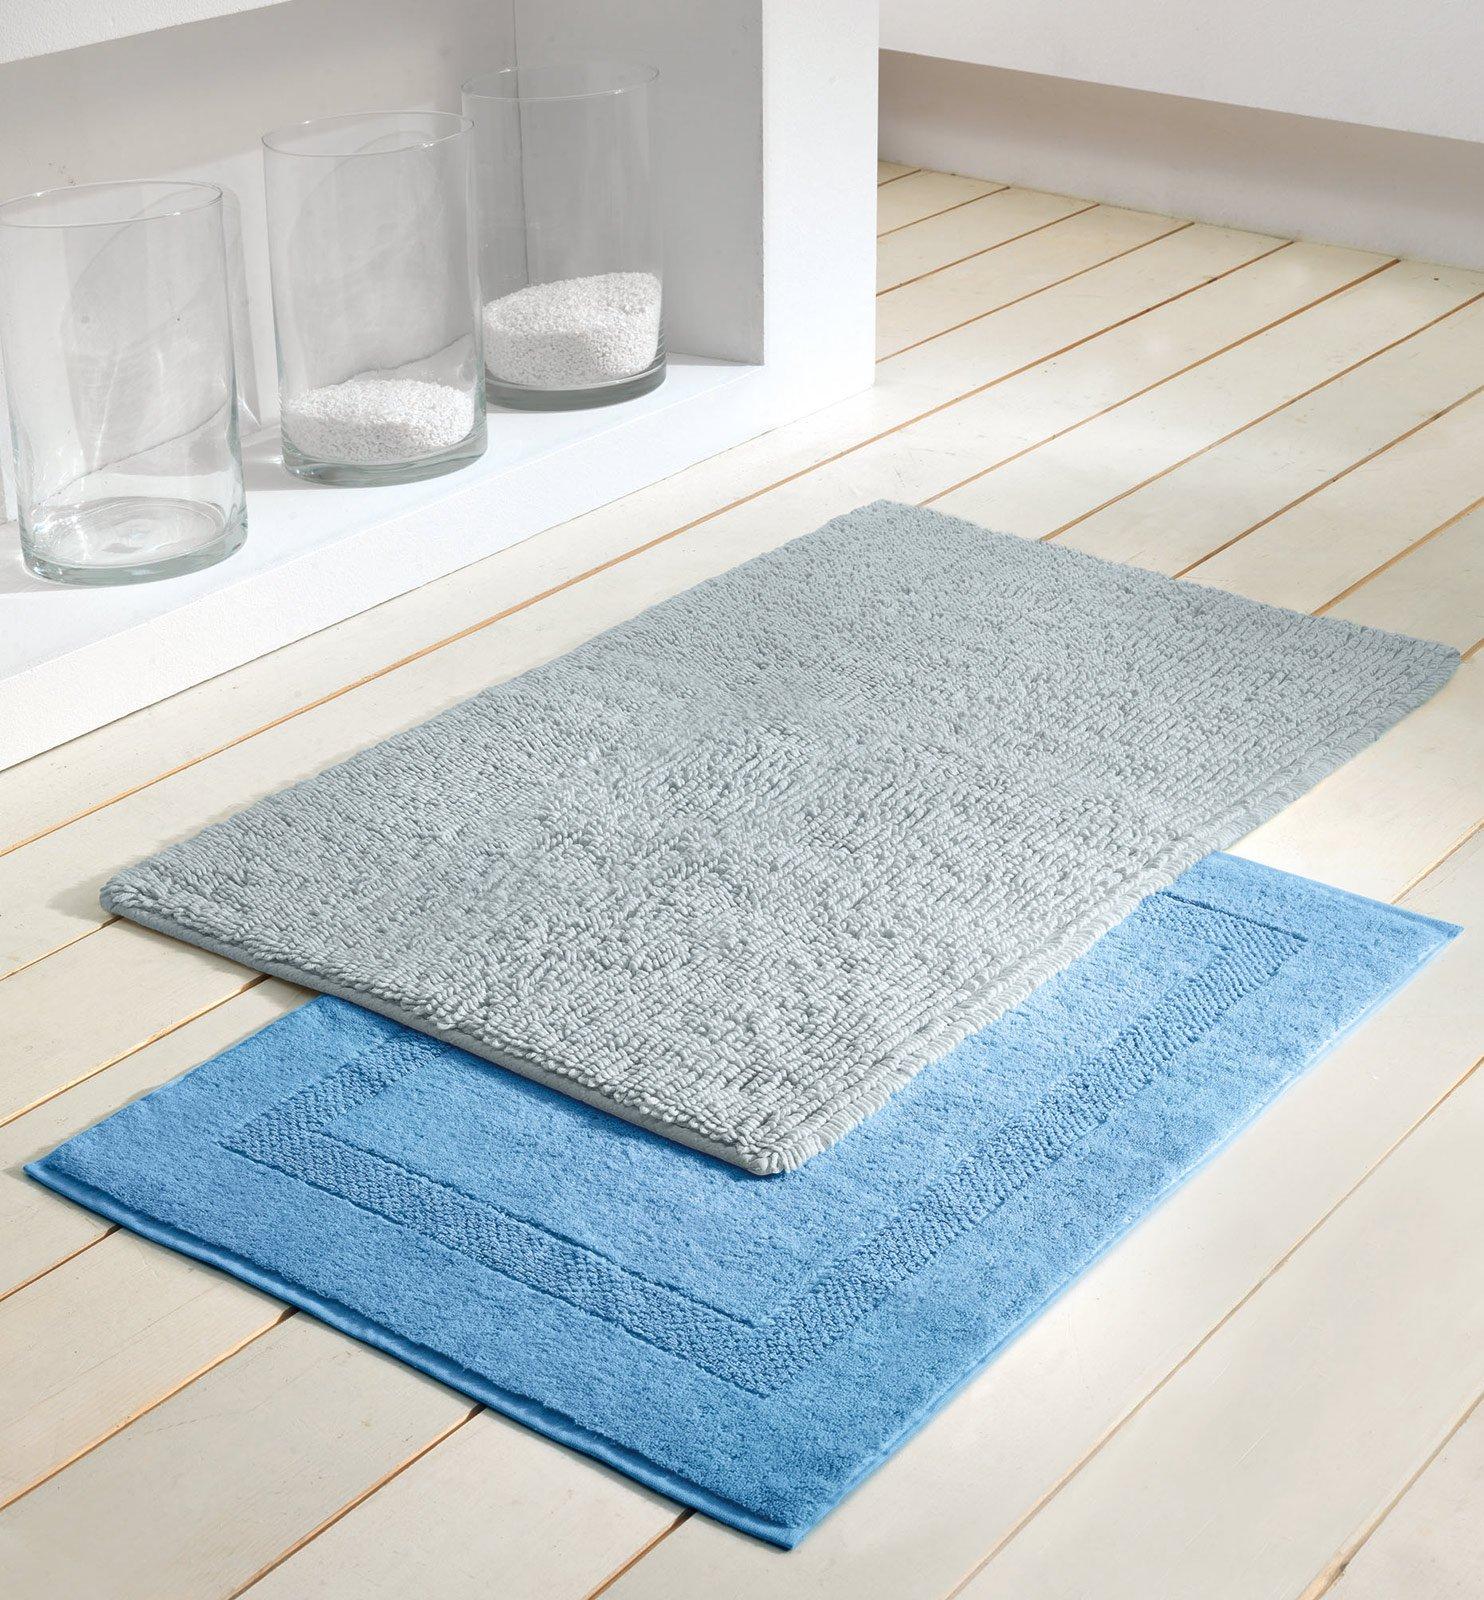 Set tappeti bagno ikea confortevole soggiorno nella casa - Tappeti bagno ikea ...